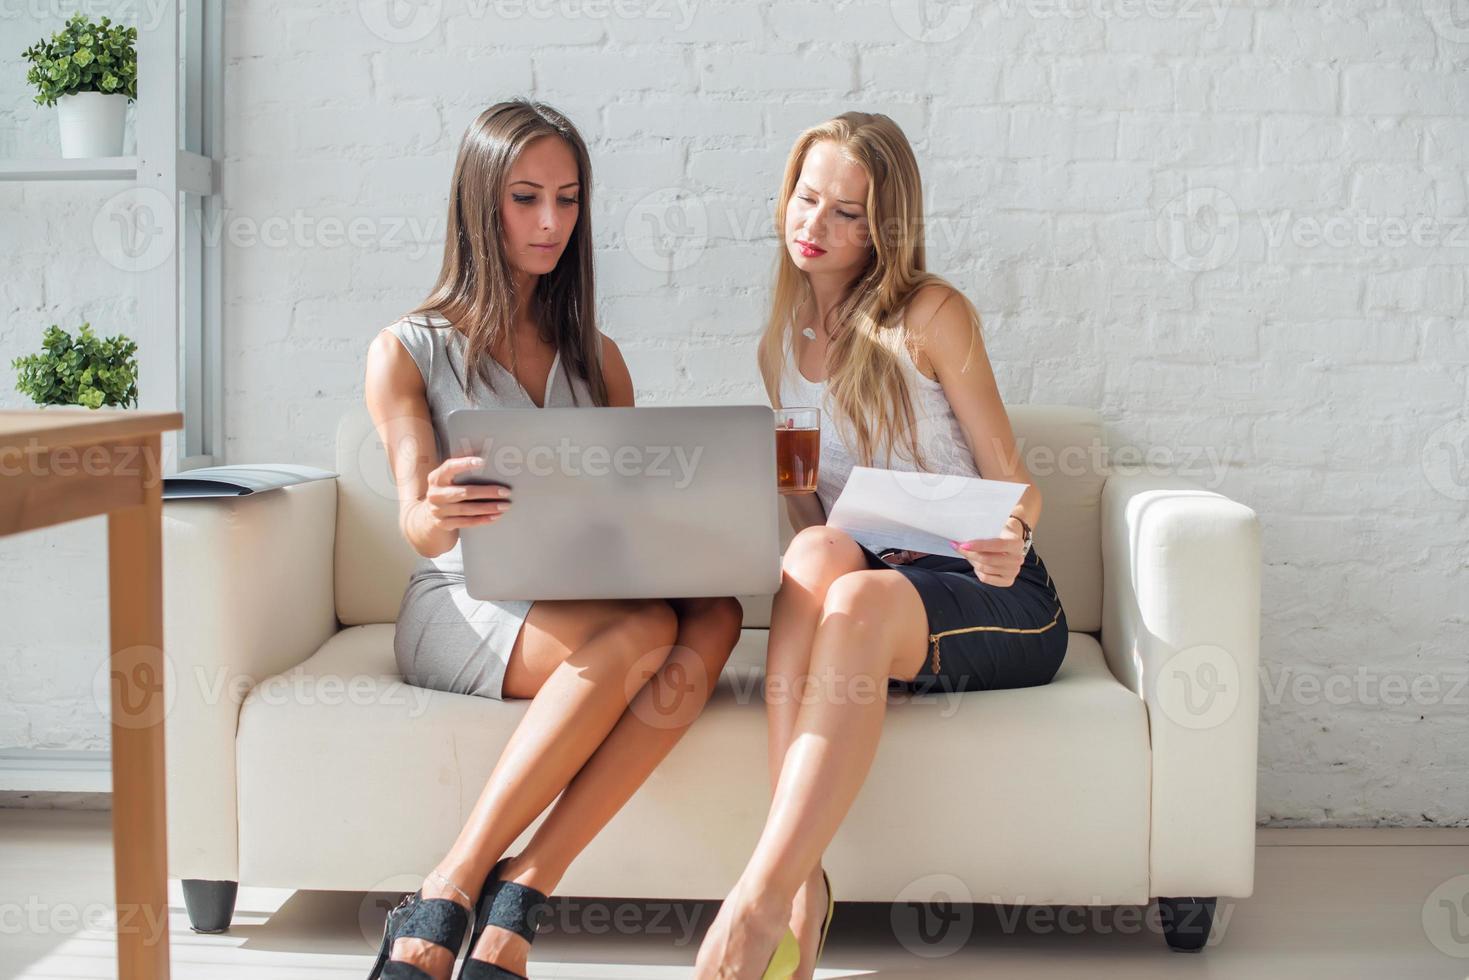 twee zakelijke vrouwvriendelijke discussie tijdens de pauze in het kantoor gebruiken foto